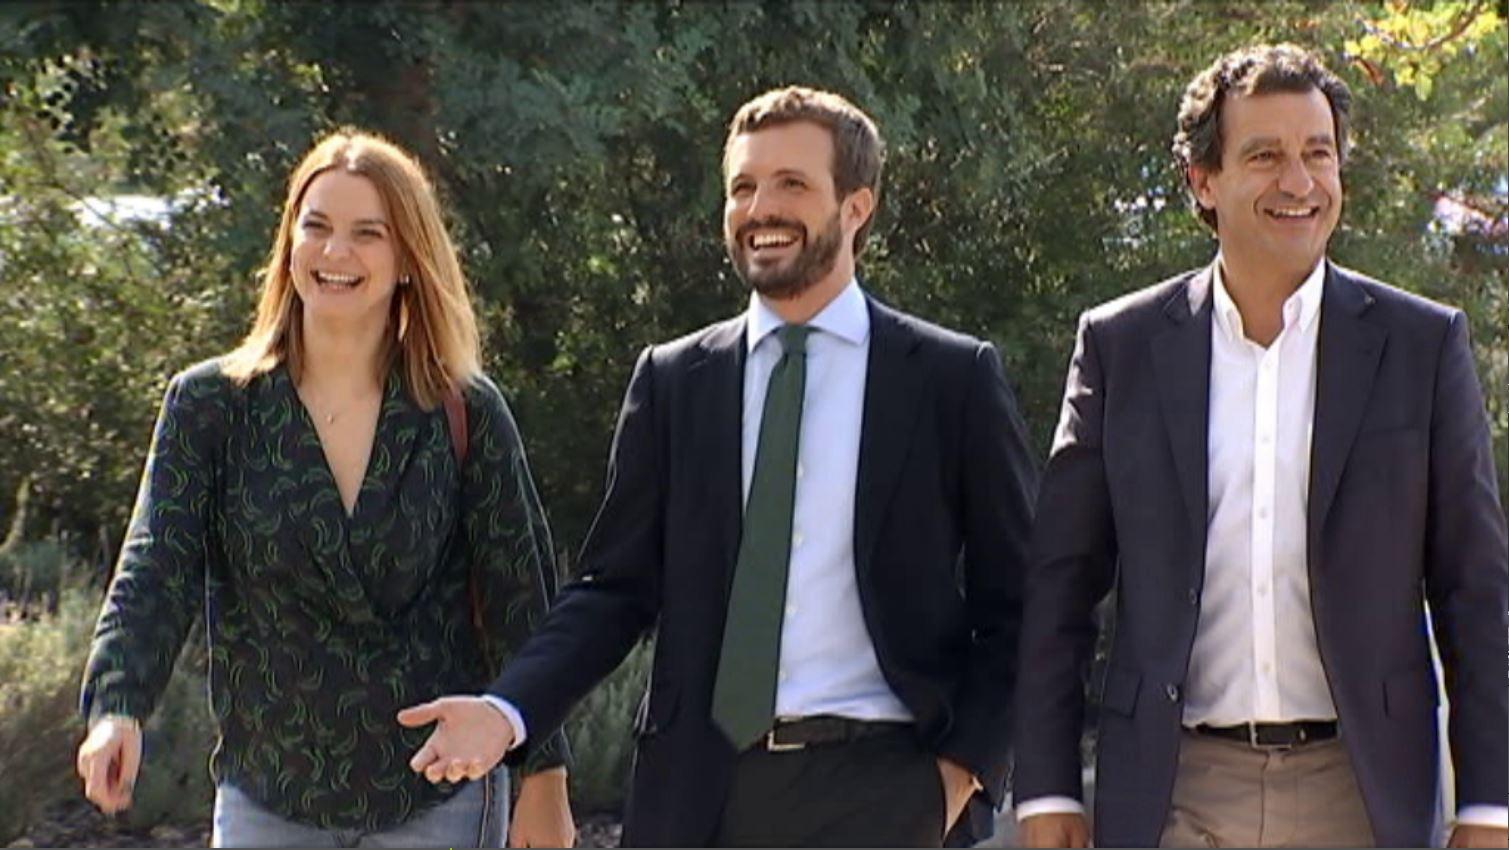 Marga+Prohens%2C+successora+per+liderar+el+PP+de+les+Balears%3F